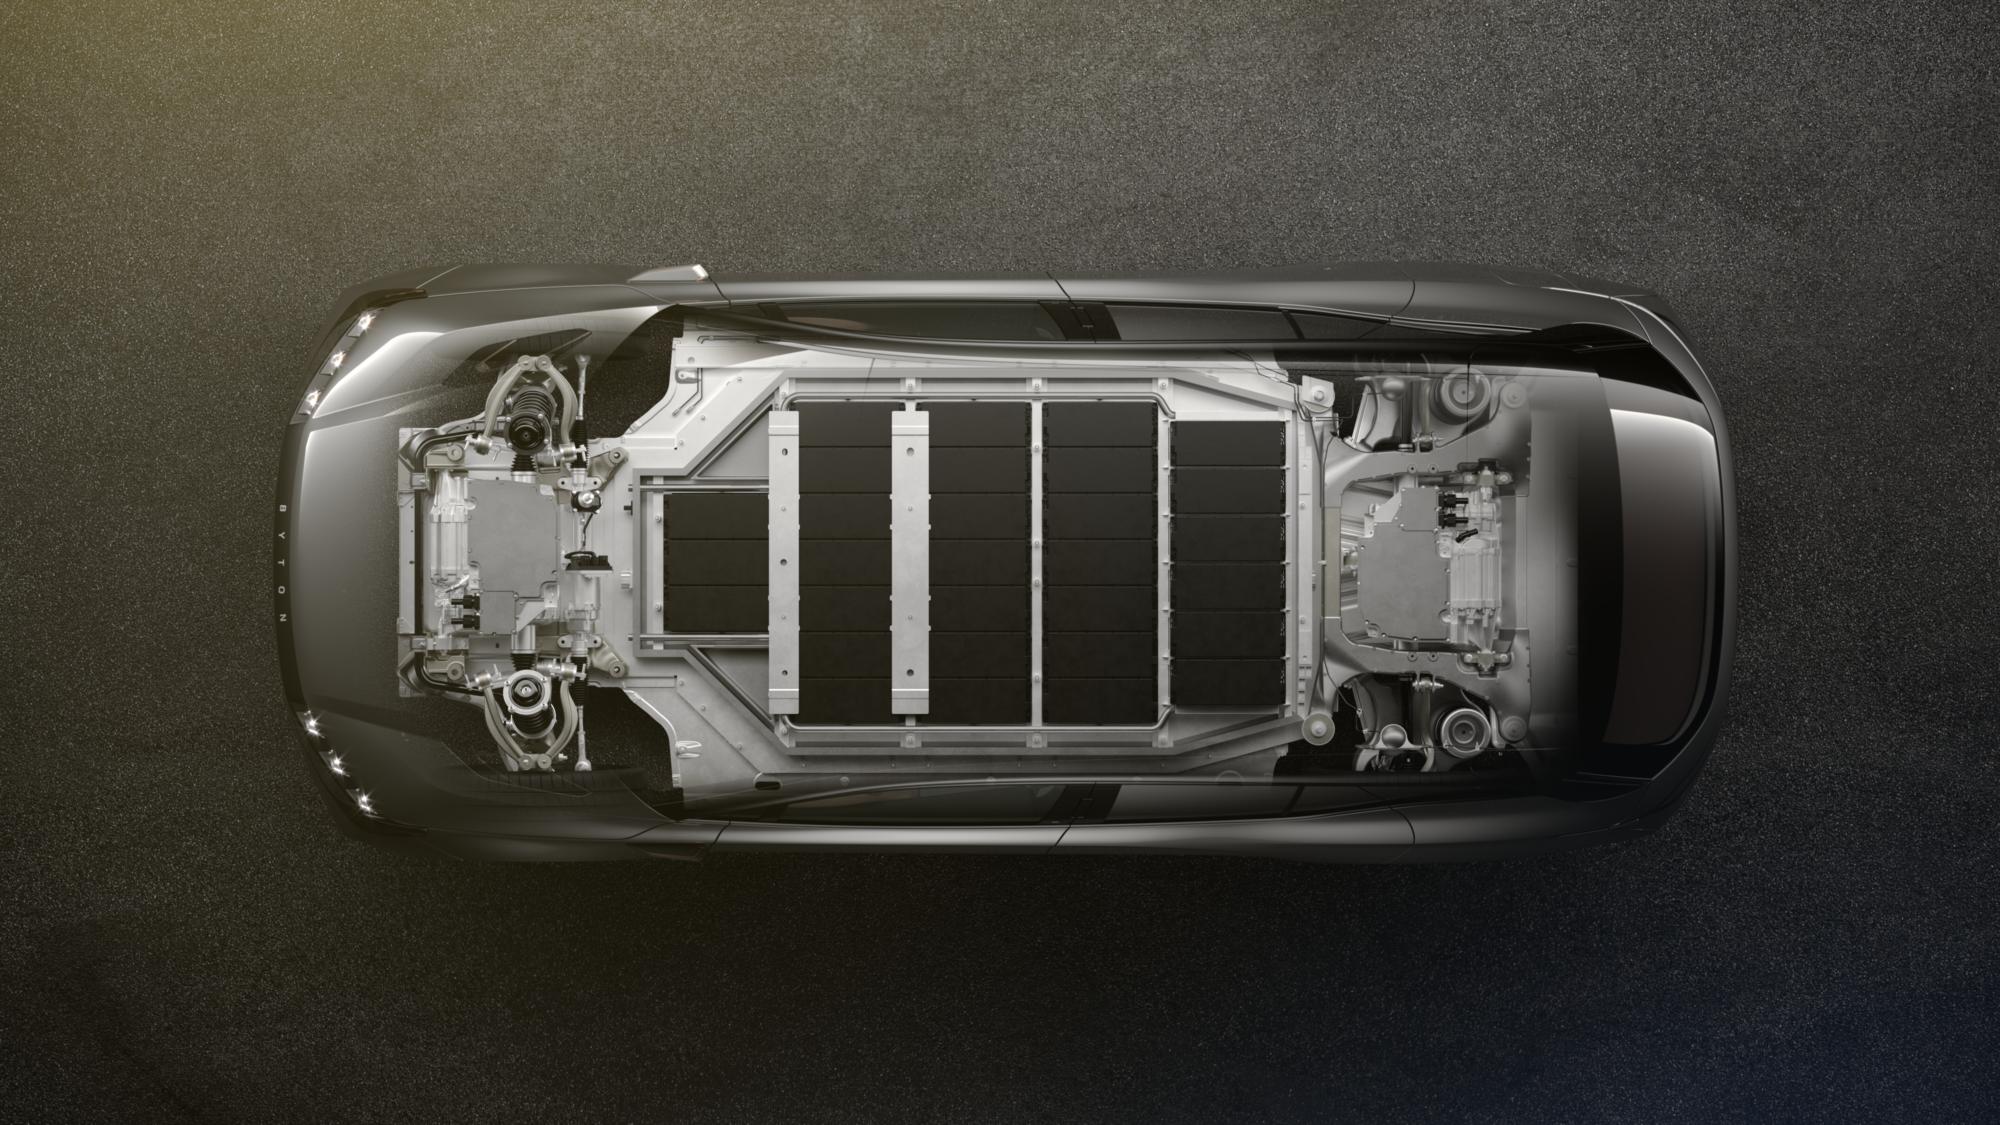 Mit zwei Batteriegrößen, 71 bzw. 95 kWh, und Heck- bzw Allradantrieb mit einem bzw. zwei Motoren gehört der Byton zu den besser bestückten Modellen im Segment